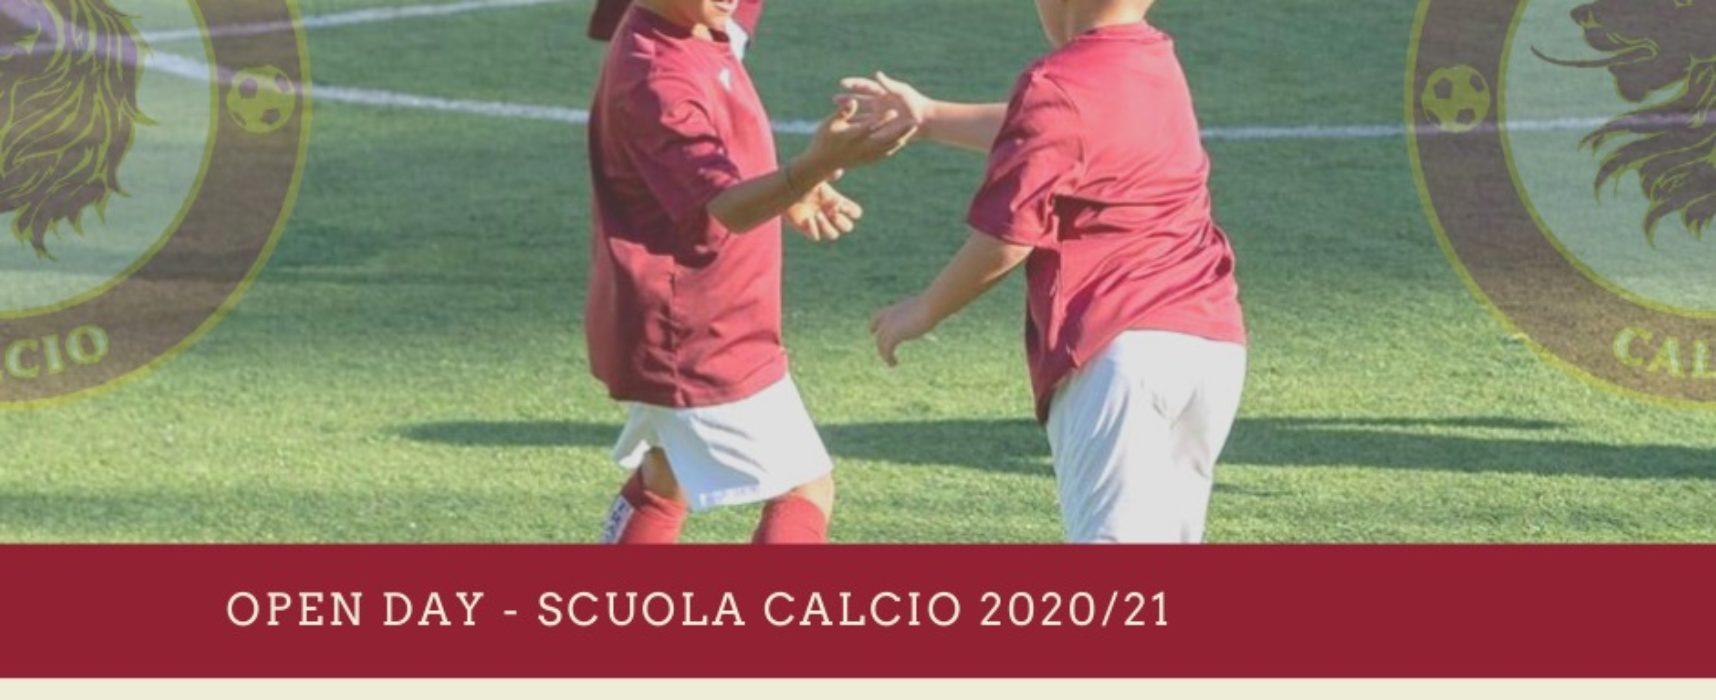 OPEN DAY SCUOLA CALCIO 2020/21